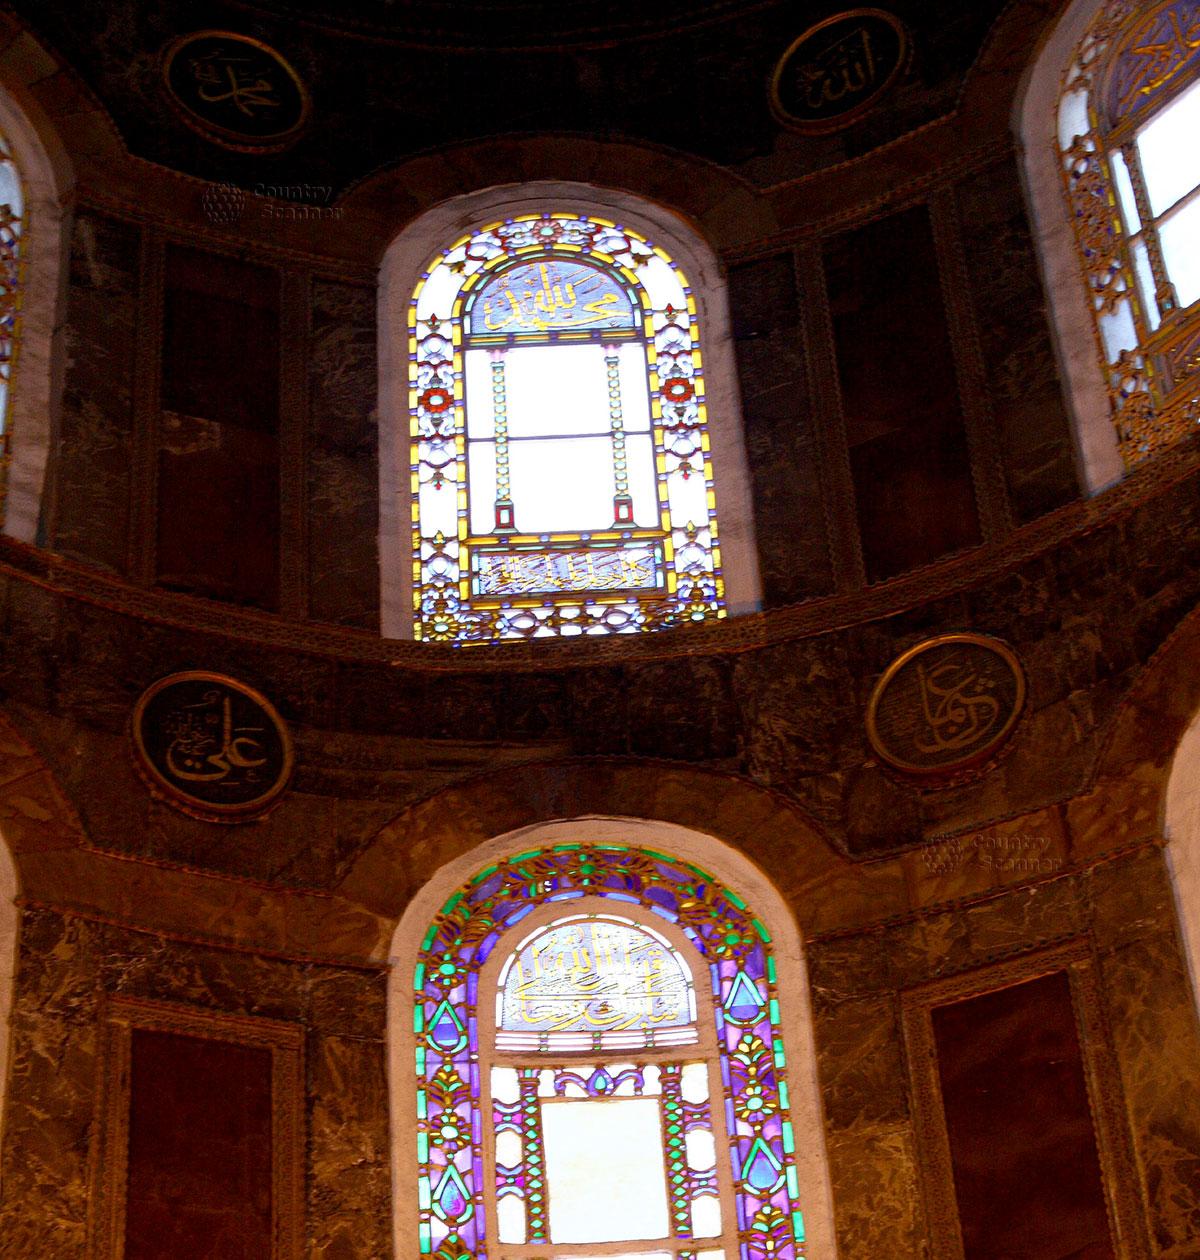 Софийский собор хорошо освещен внутри благодаря множеству окон. Красочные витражи из цветного стекла и позолоченные решетки разнообразят и украшают интерьер.